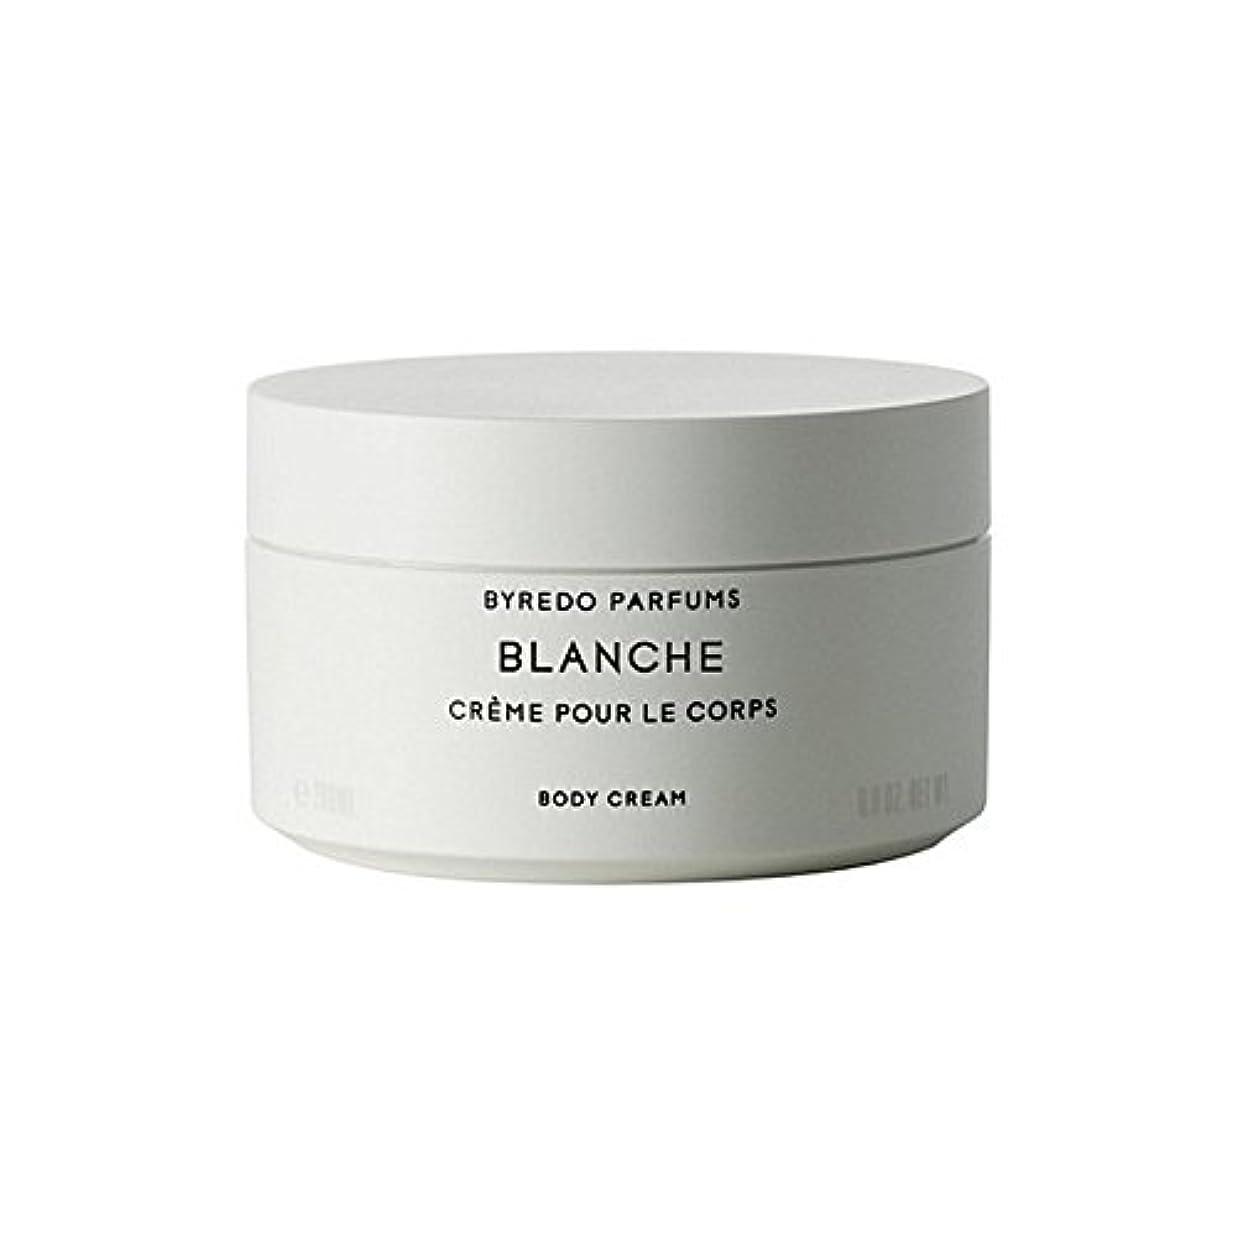 飛ぶ爆発する行Byredo Blanche Body Cream 200ml (Pack of 6) - ブランシュボディクリーム200ミリリットル x6 [並行輸入品]